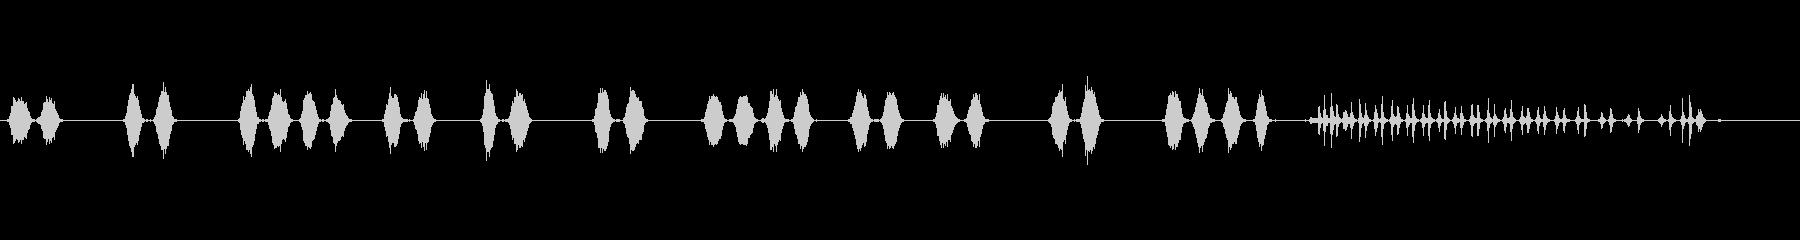 リズム、音楽、パーカッションその他...の未再生の波形